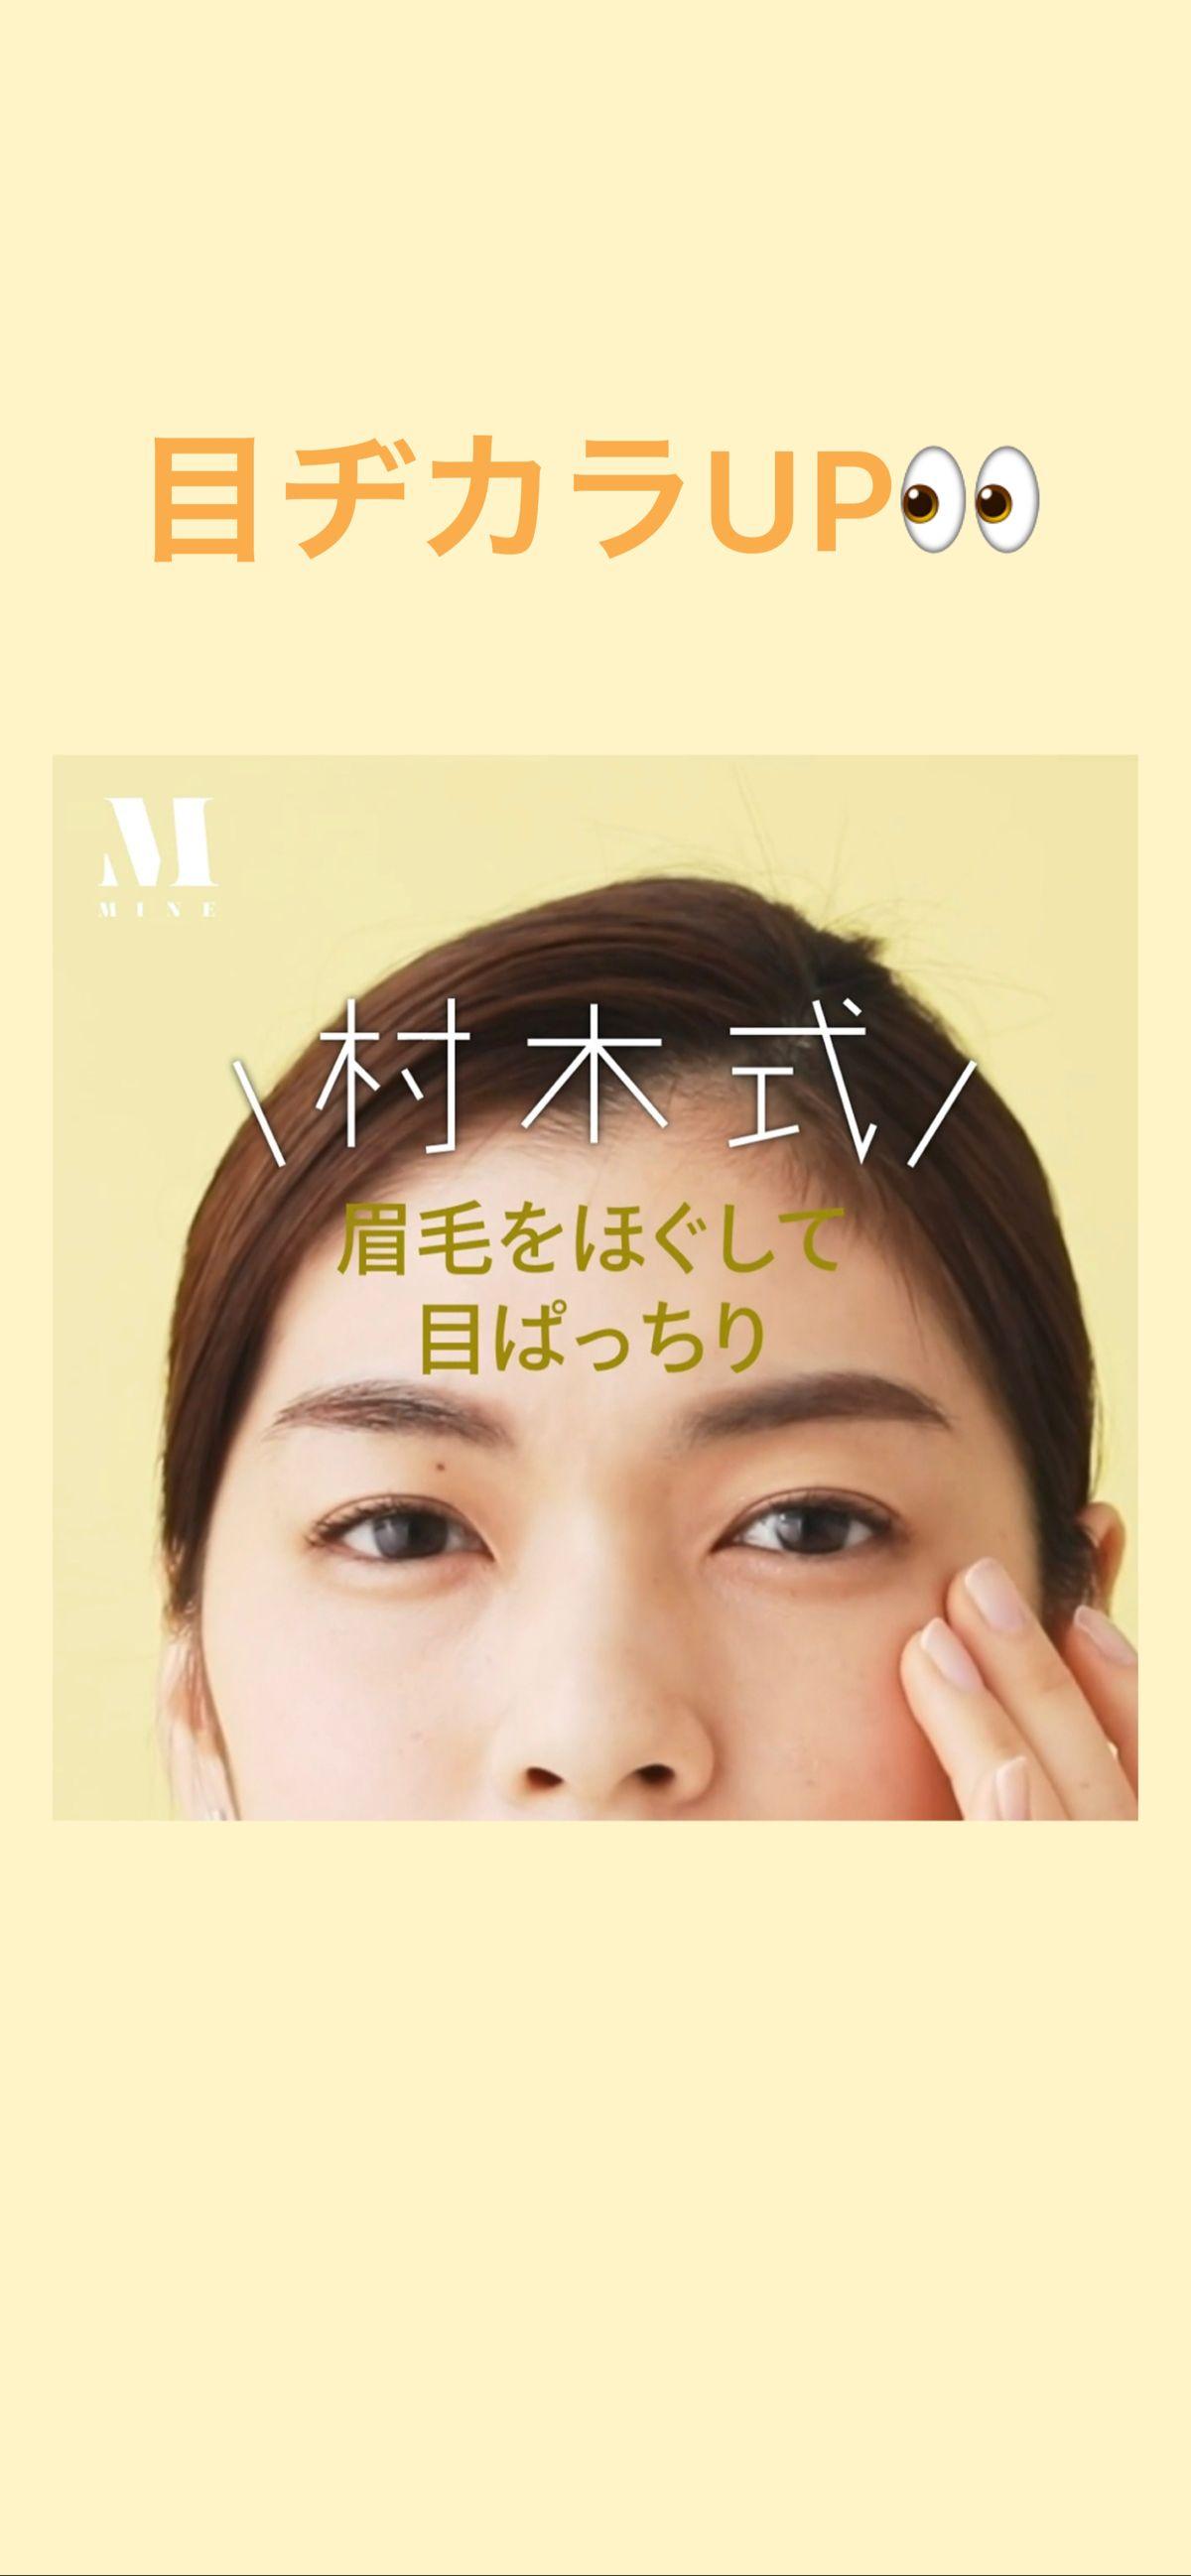 Photo of 眉毛をほぐして目ヂカラUP!村木式おブス解消マッサージ